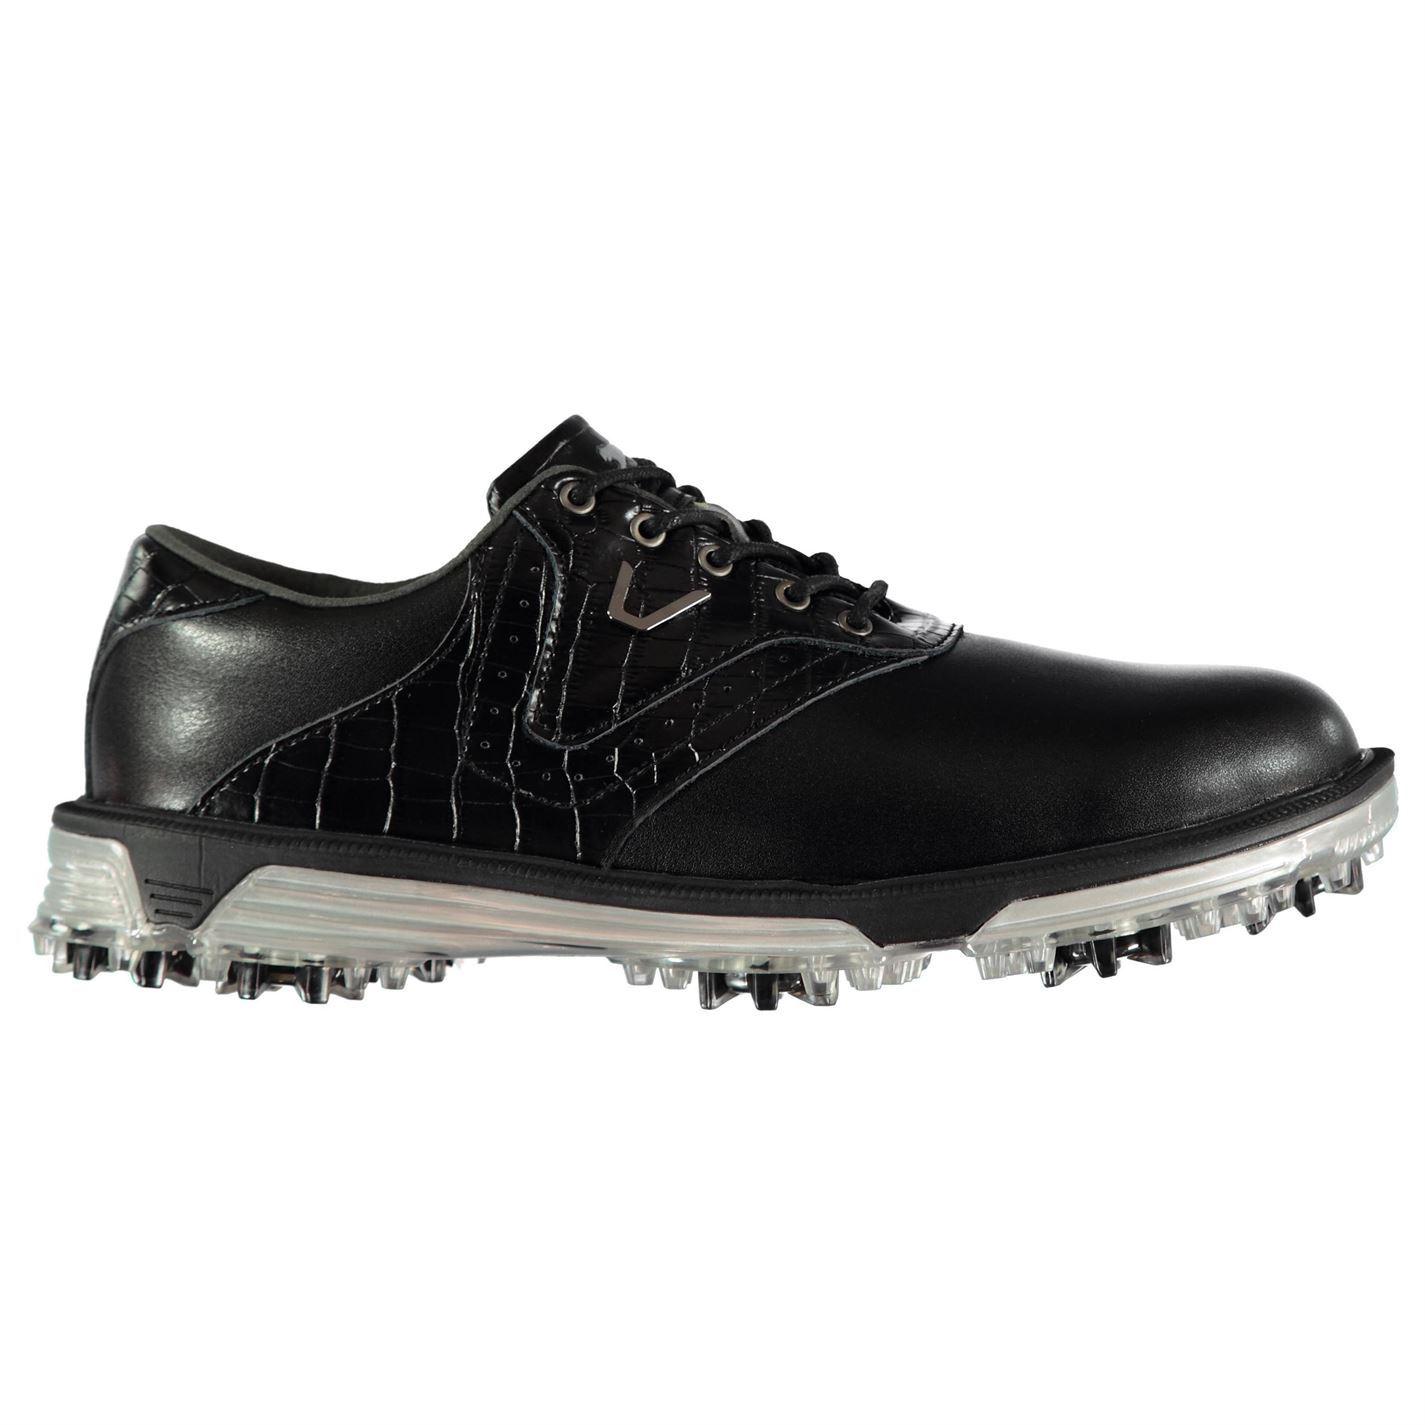 Slazenger-V500-Golf-Shoes-Mens-Spikes-Footwear thumbnail 10